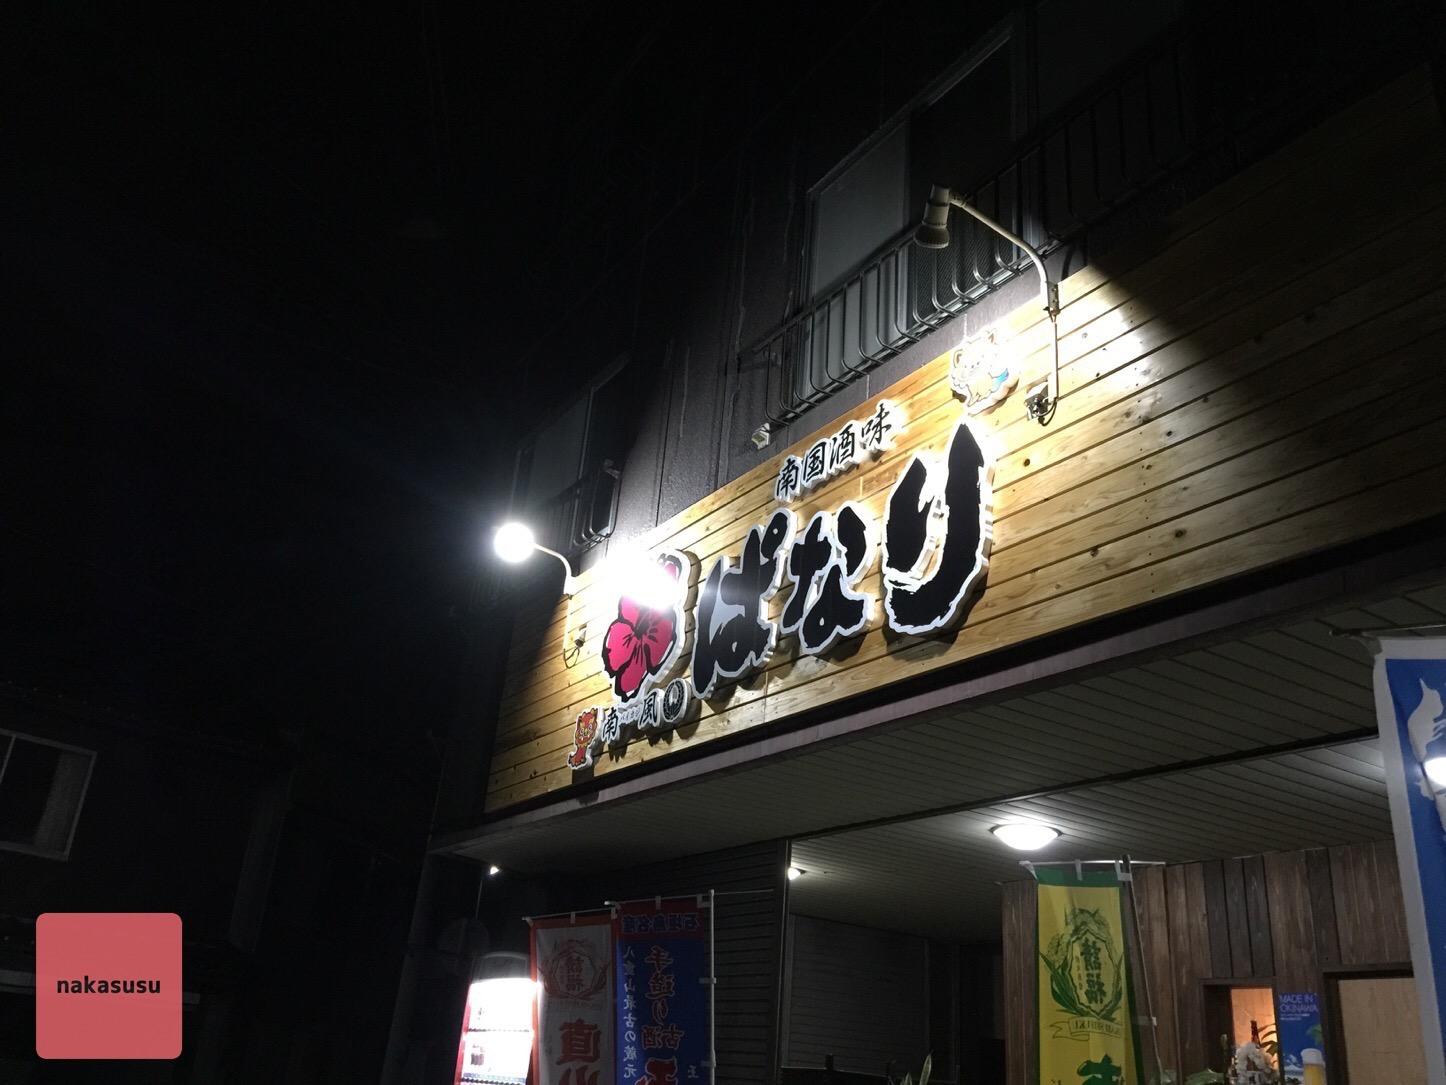 沖縄にきたよ!本格沖縄料理とお酒が楽しめる「南国酒味 南国ぱなり」